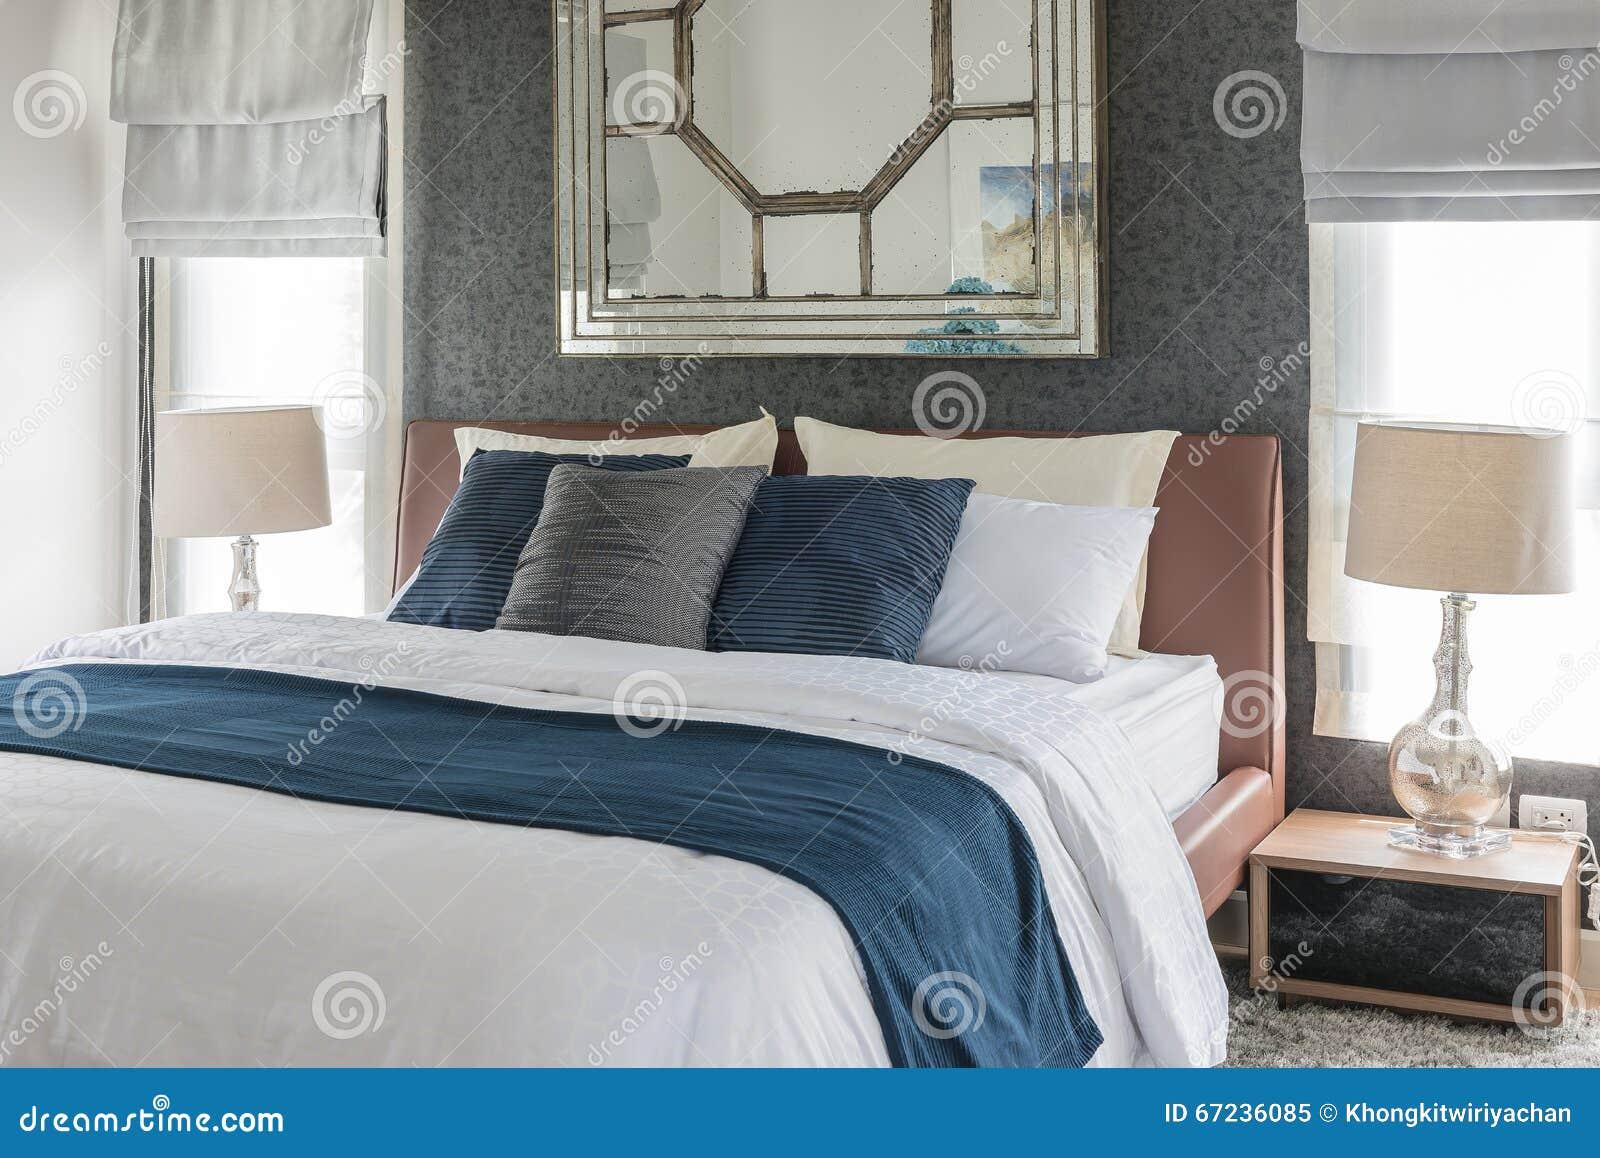 Conception De Chambre A Coucher Avec Le Ton Bleu Et Blanc De Couleur Image Stock Image Du Avec Couleur 67236085